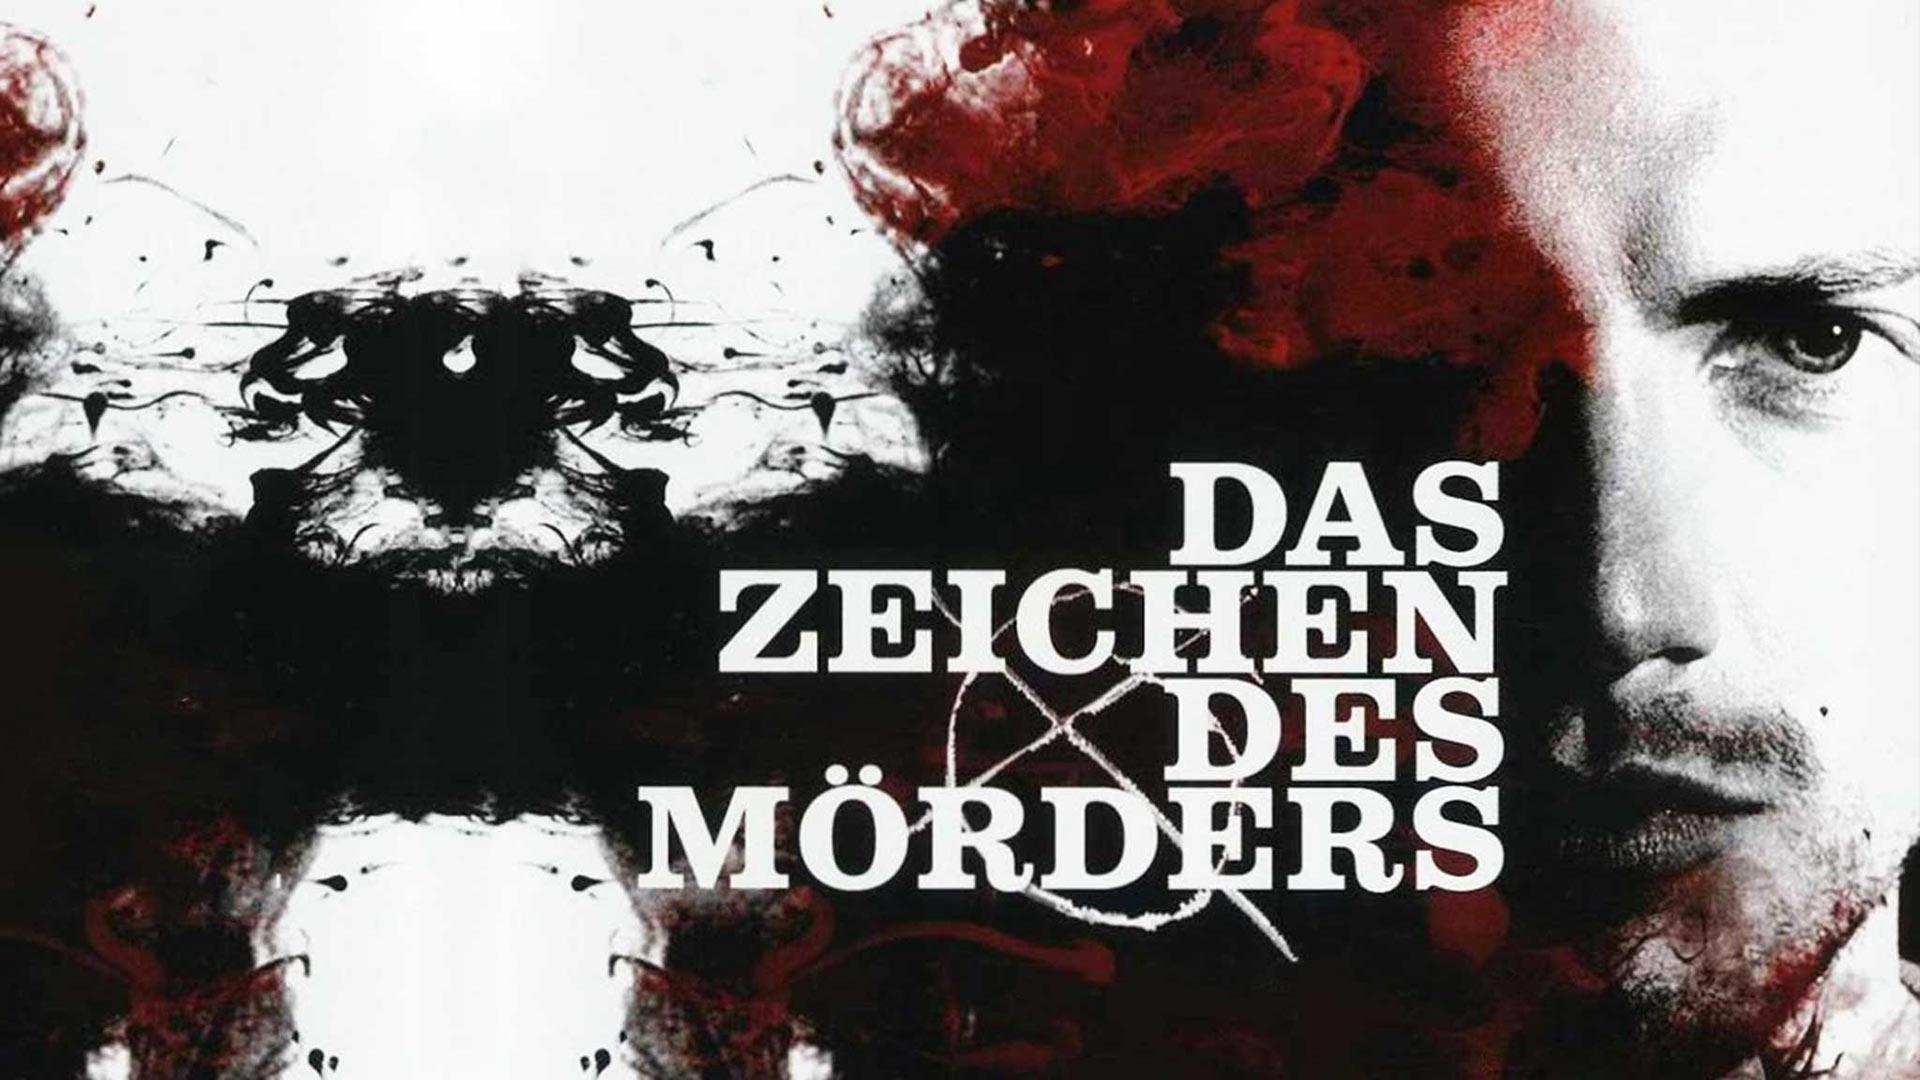 Das Zeichen des Mörders